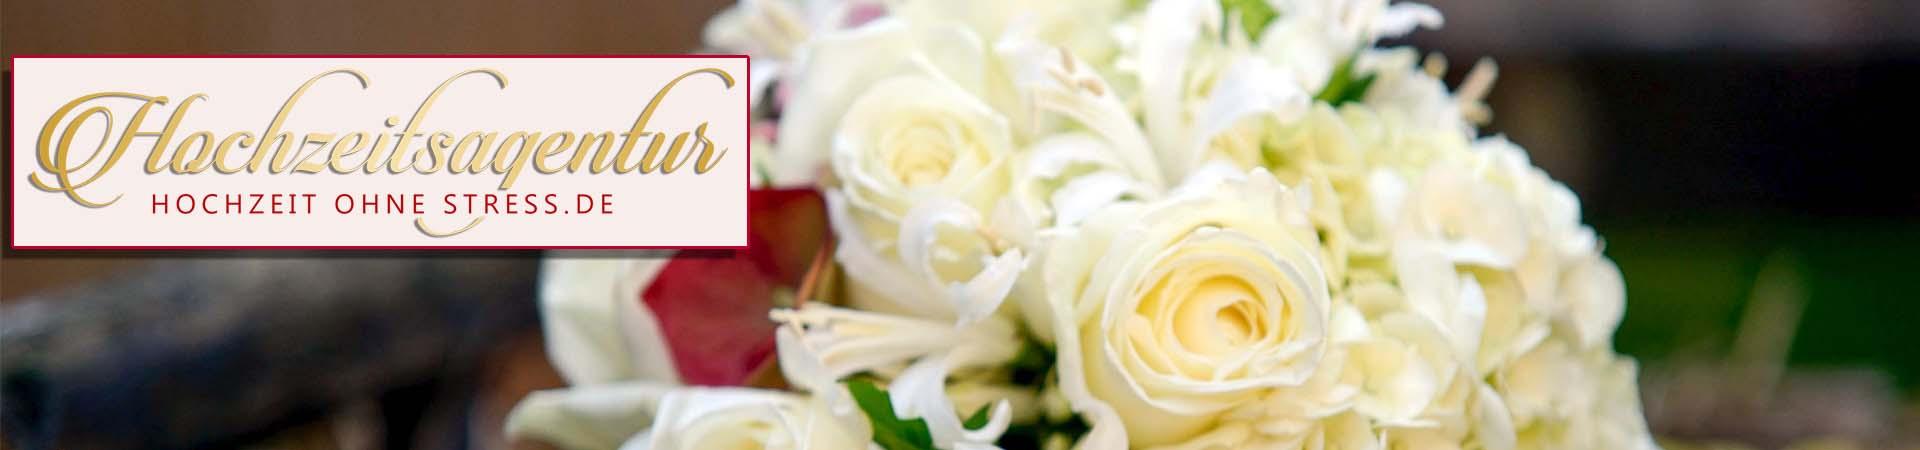 Hochzeitsplaner-Dresden-Hochzeitsagentur-HochzeitOhneStress-Bild08b